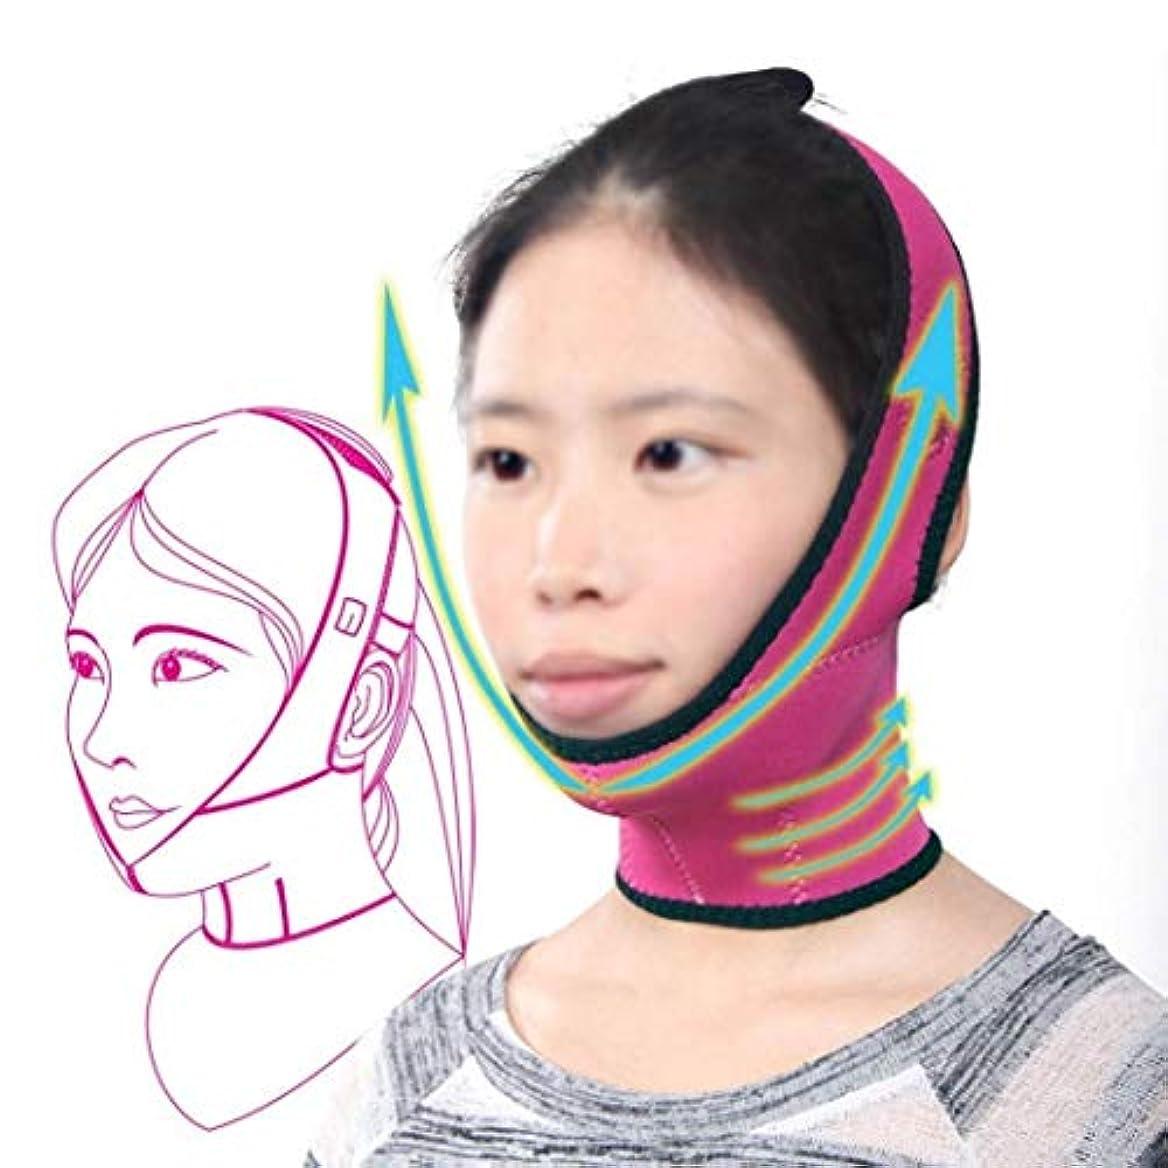 年巨大大声でフェイスリフトマスク、スリミングベルトフェイスマスク強力なリフティング小さなV顔薄い顔包帯美容美容リフティング顔小さな顔薄いフェイスマスク